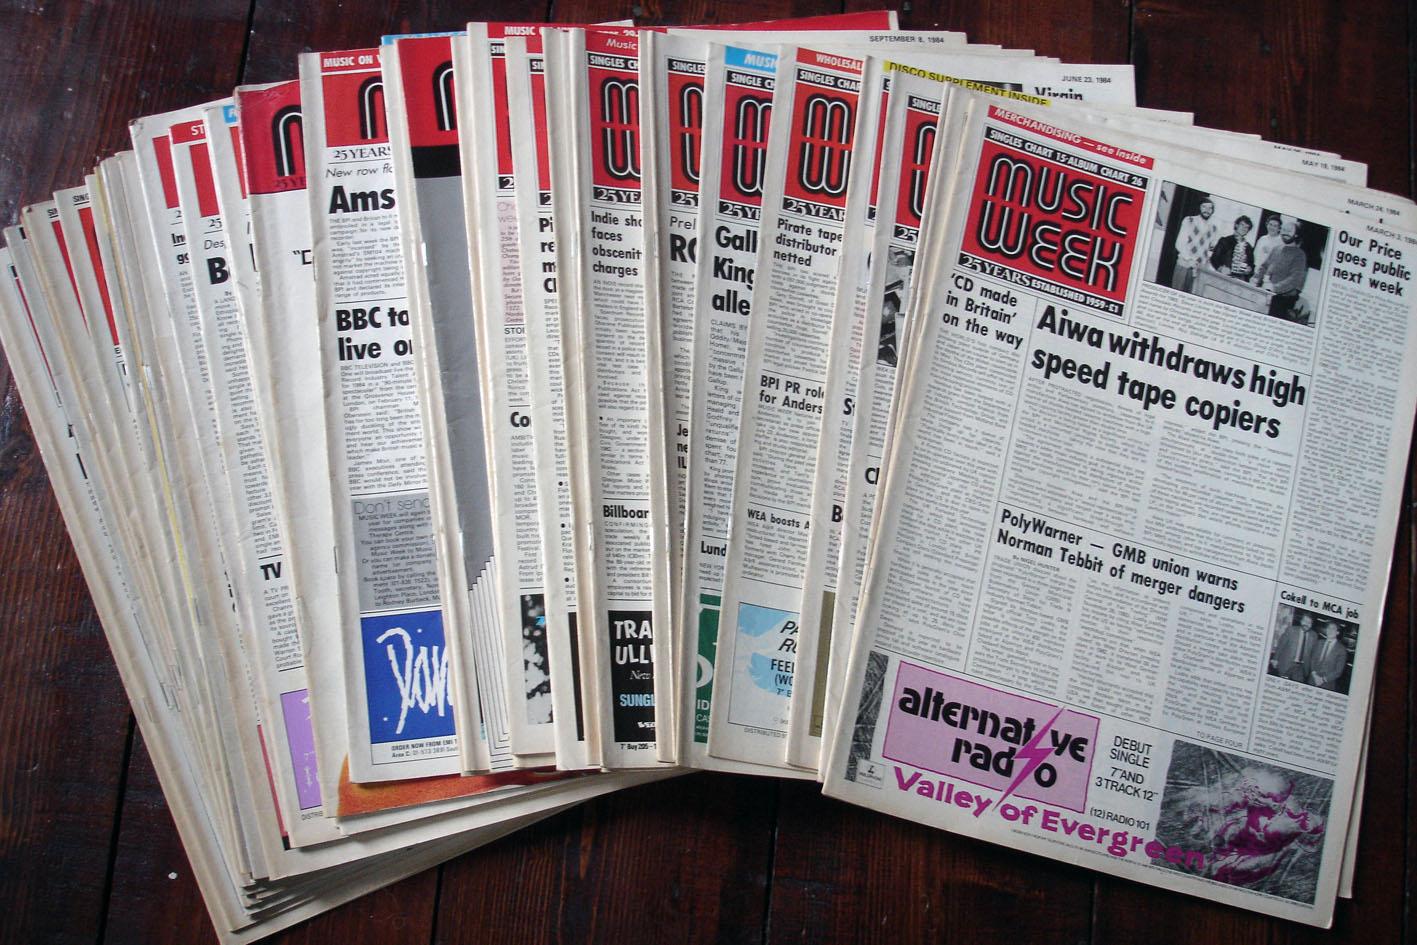 Music Week mags